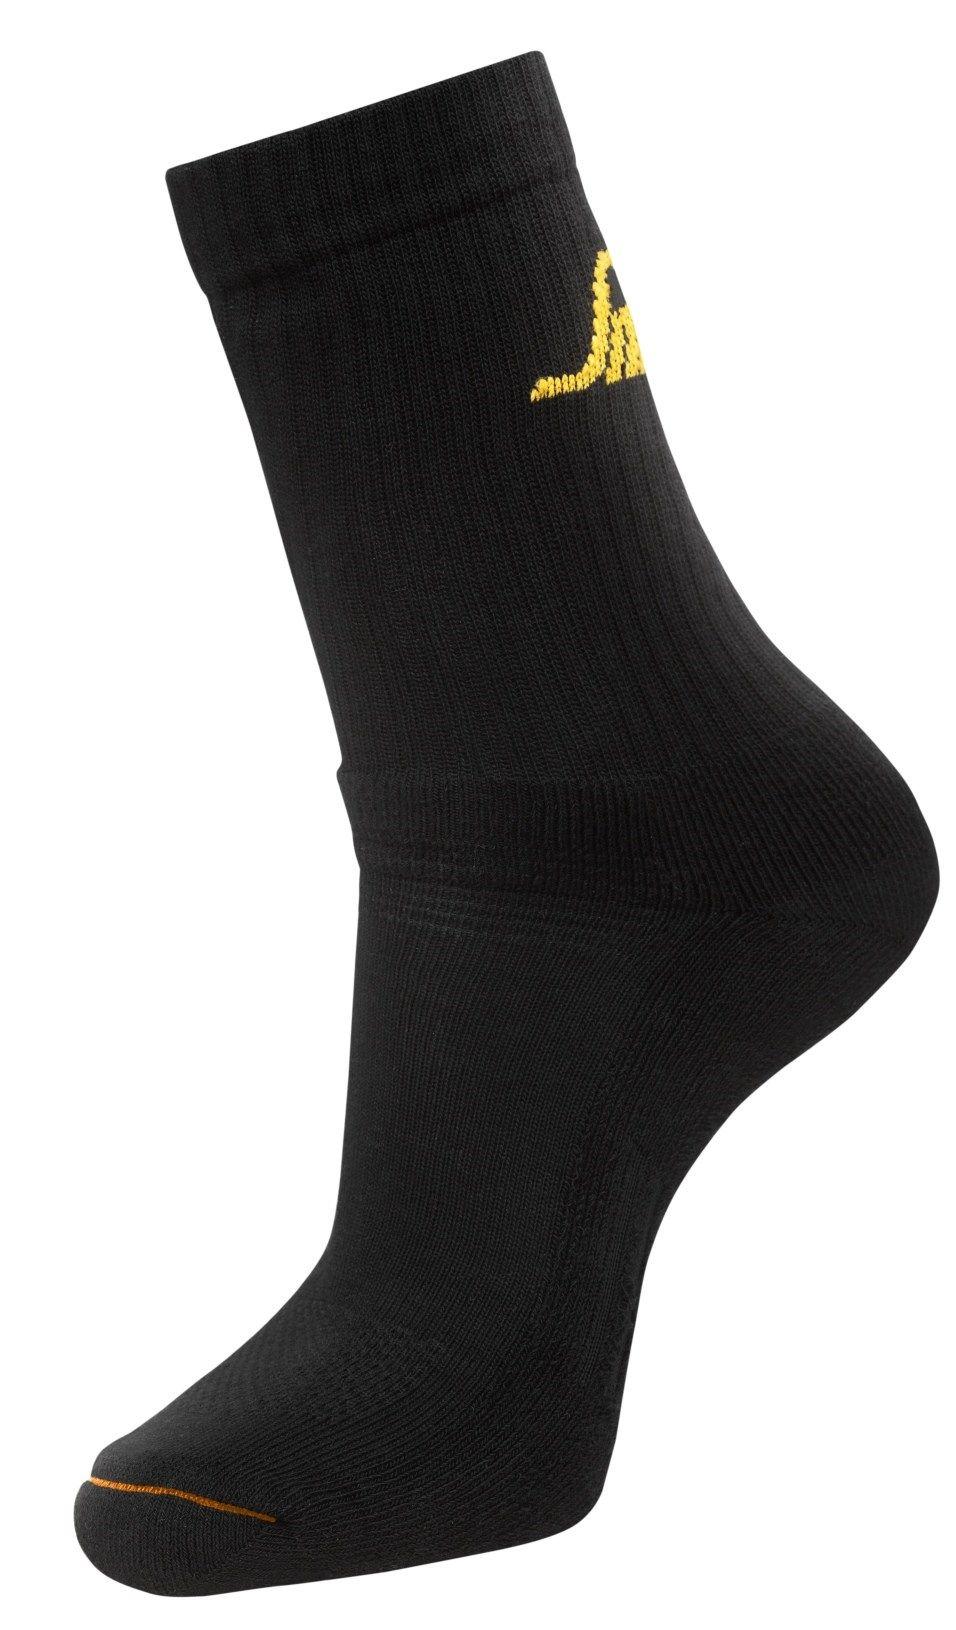 Snickers 9211 AllroundWork Basic Socks Black 3 Pack